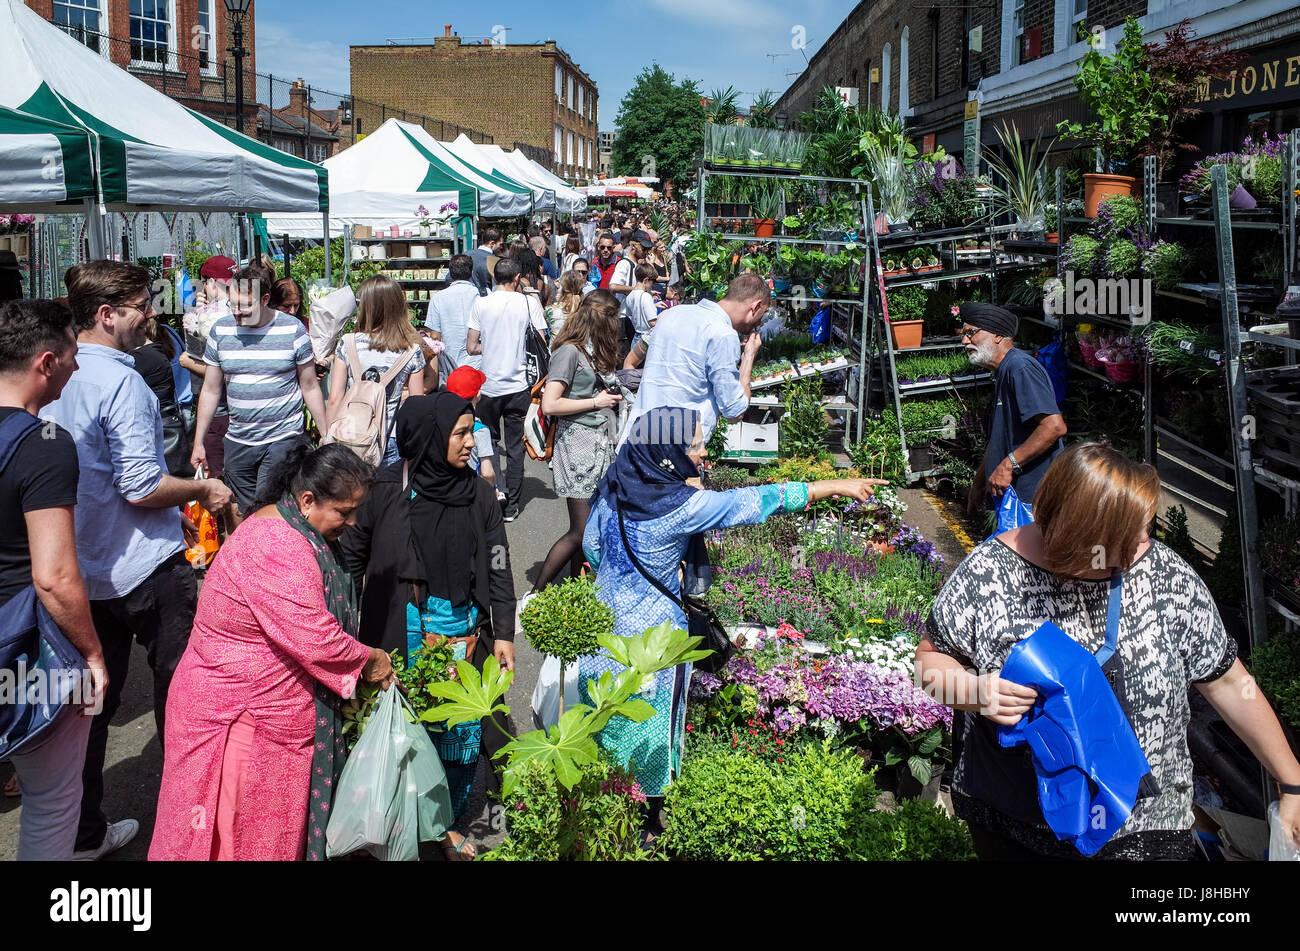 London's popular Columbia Road Flower Market dans l'Est de Londres sur un dimanche matin ensoleillé Photo Stock